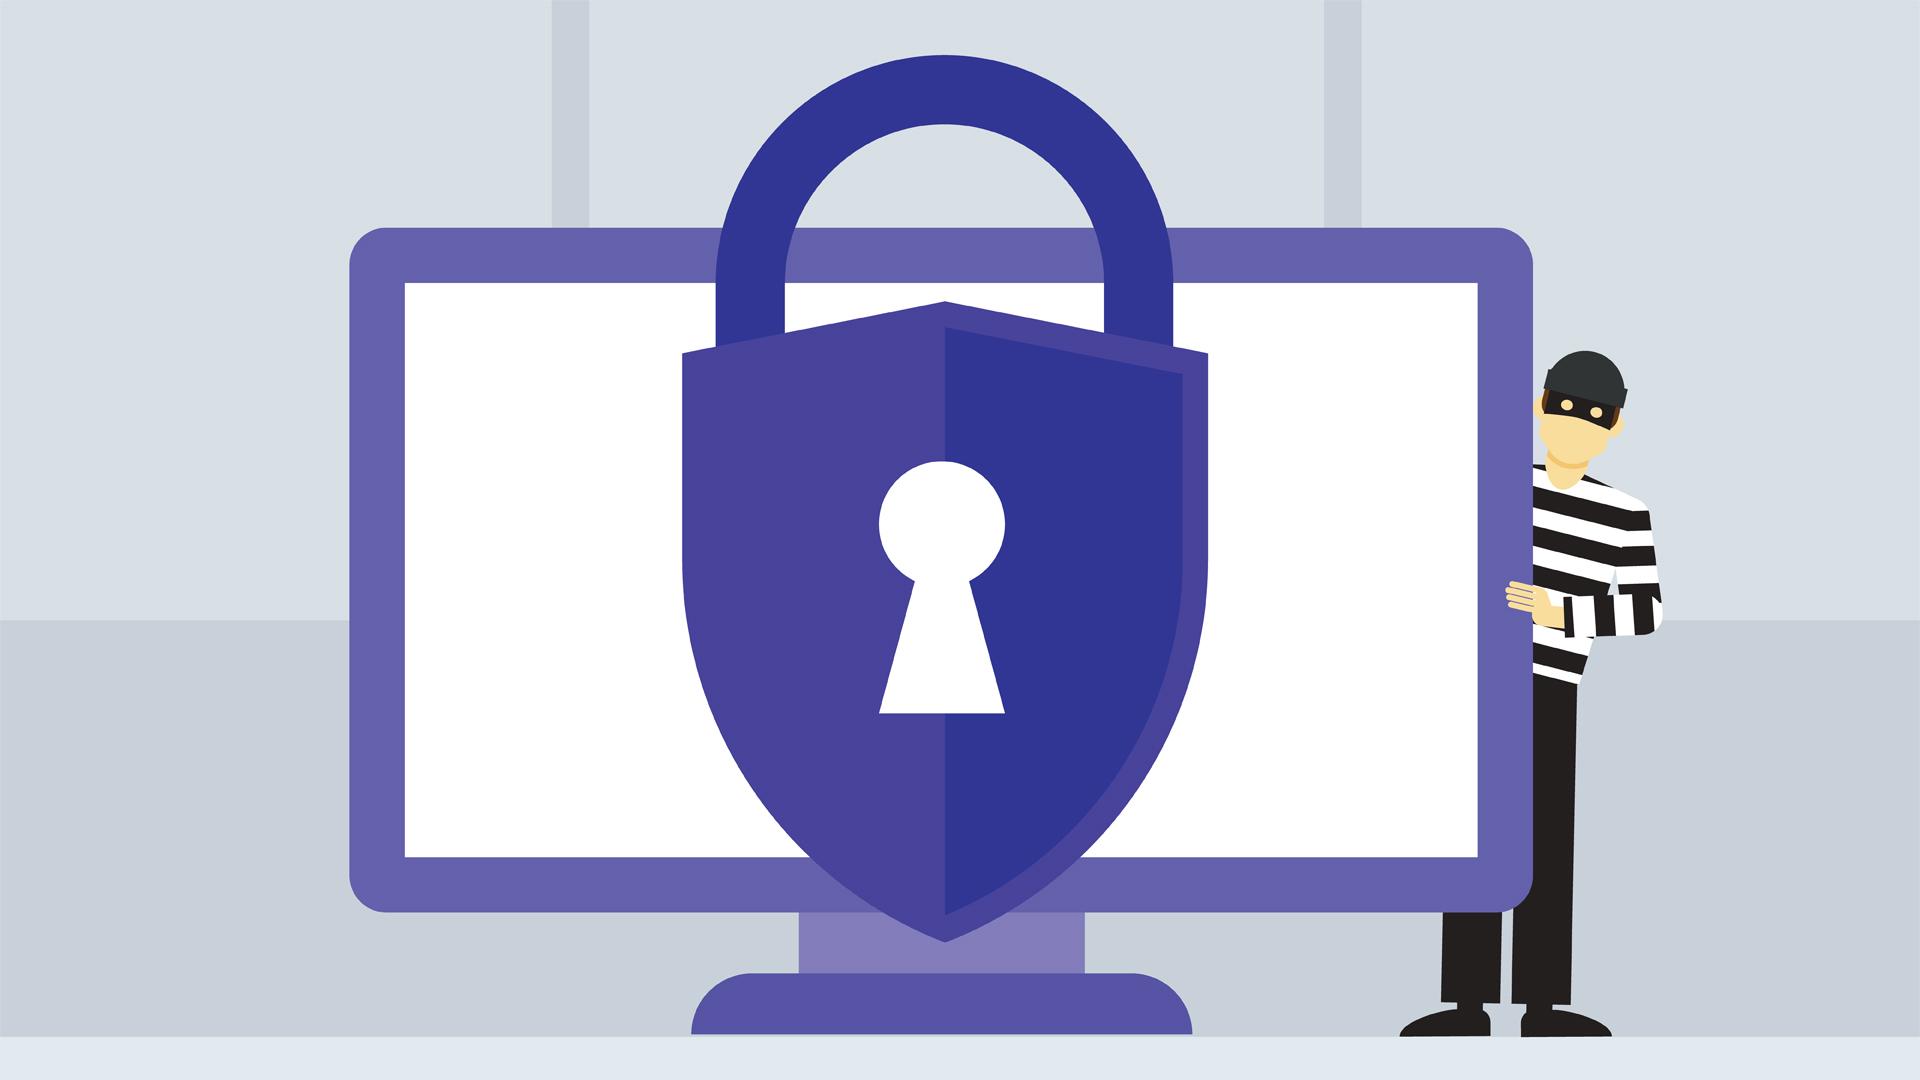 Web Security Clipart-Clipartlook.com-192-Web Security Clipart-Clipartlook.com-1920-0